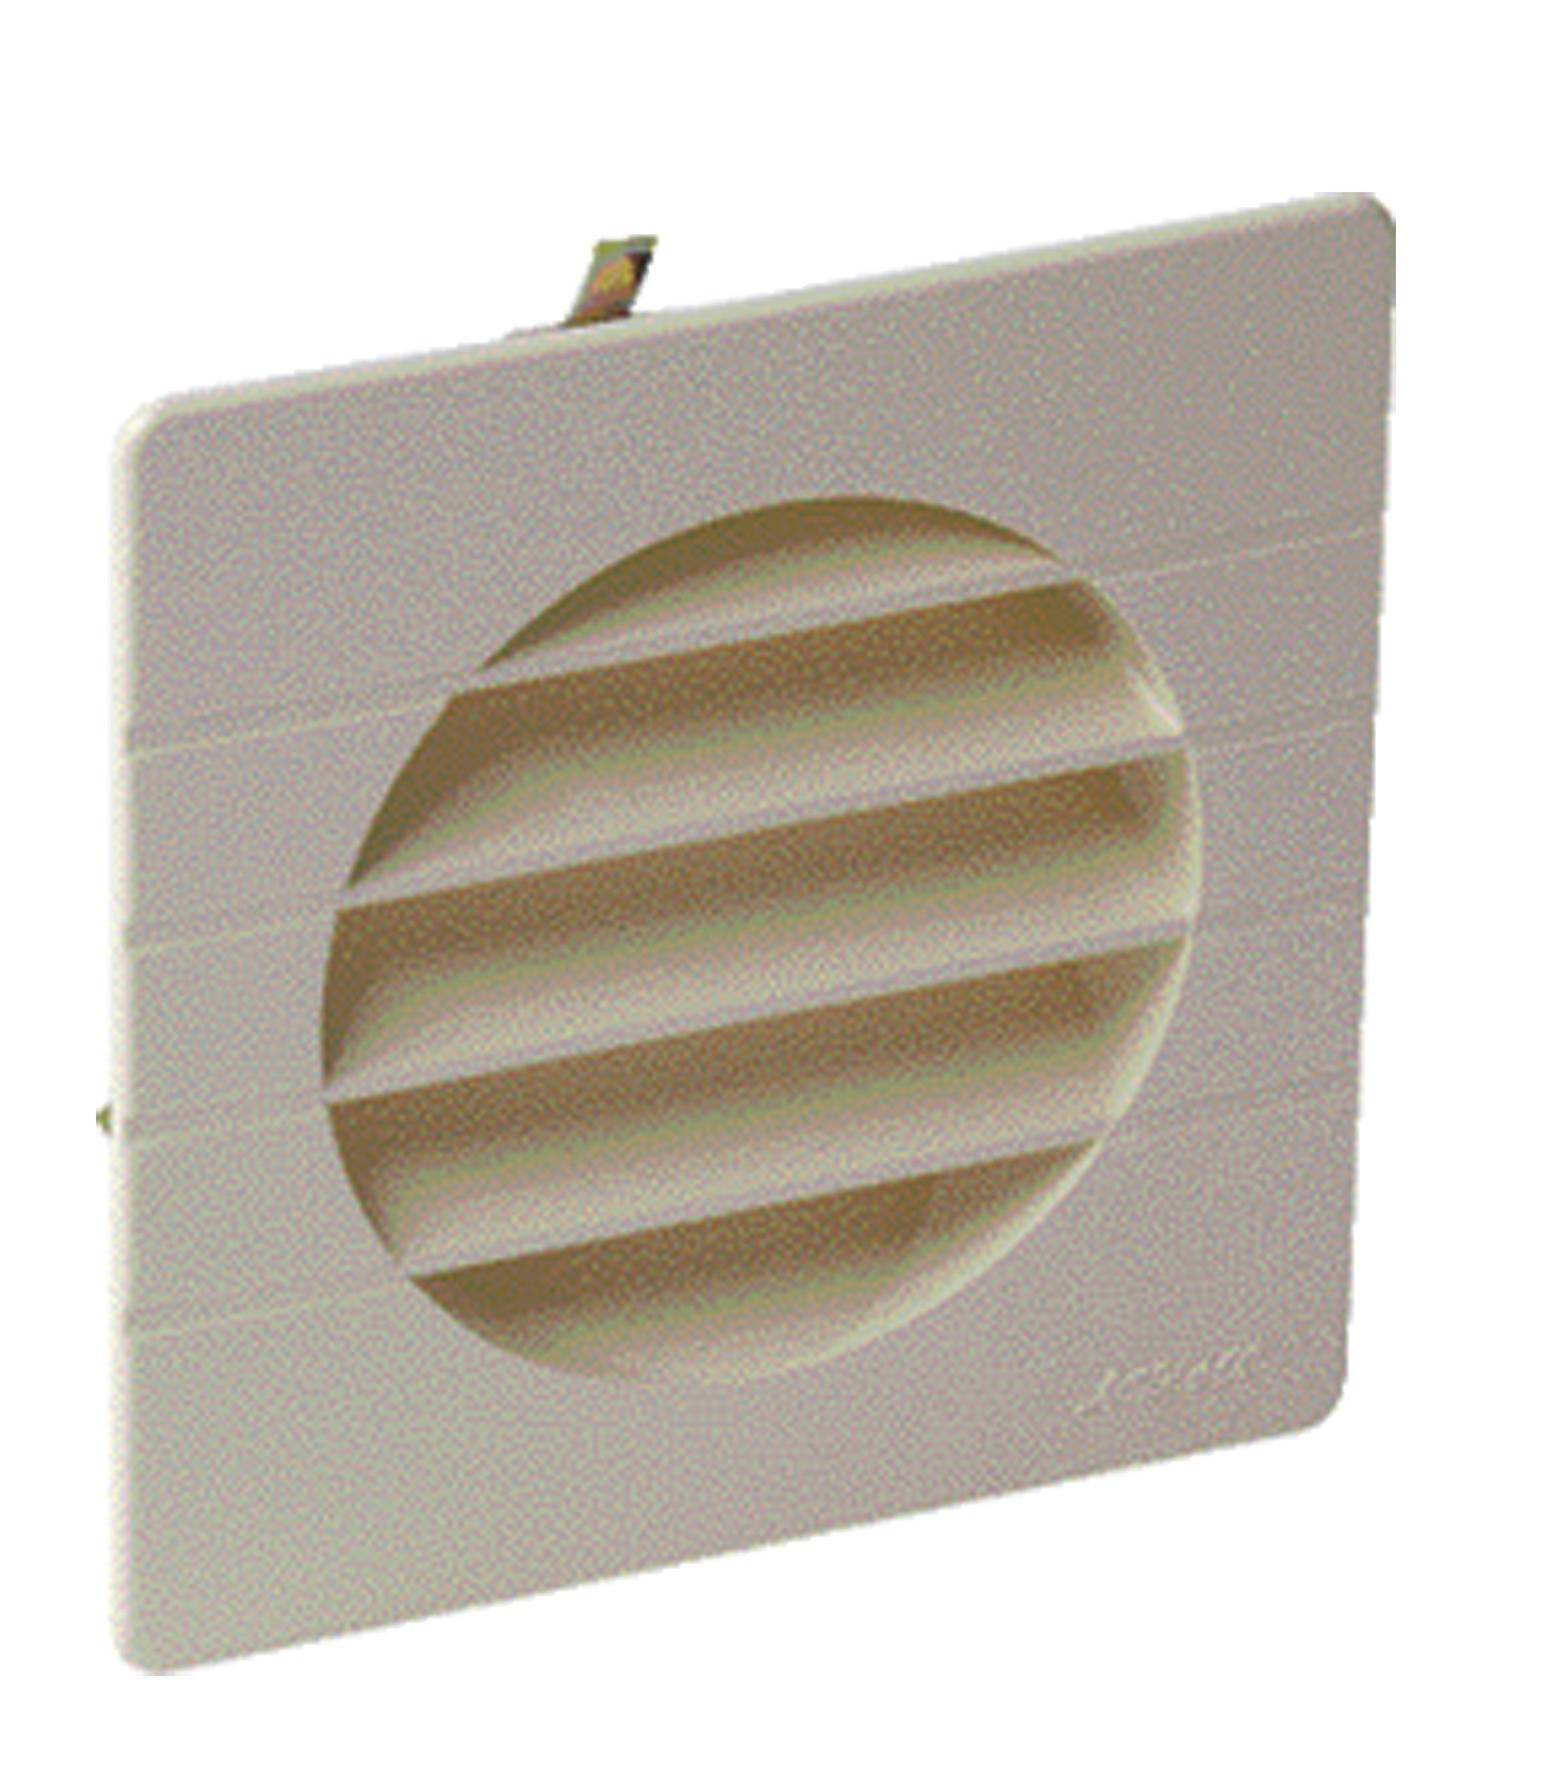 NICOLL Grille de ventilation à encastrer extérieur pour tubes PVC Ø 100 coloris sable - NICOLL - 1GETM100